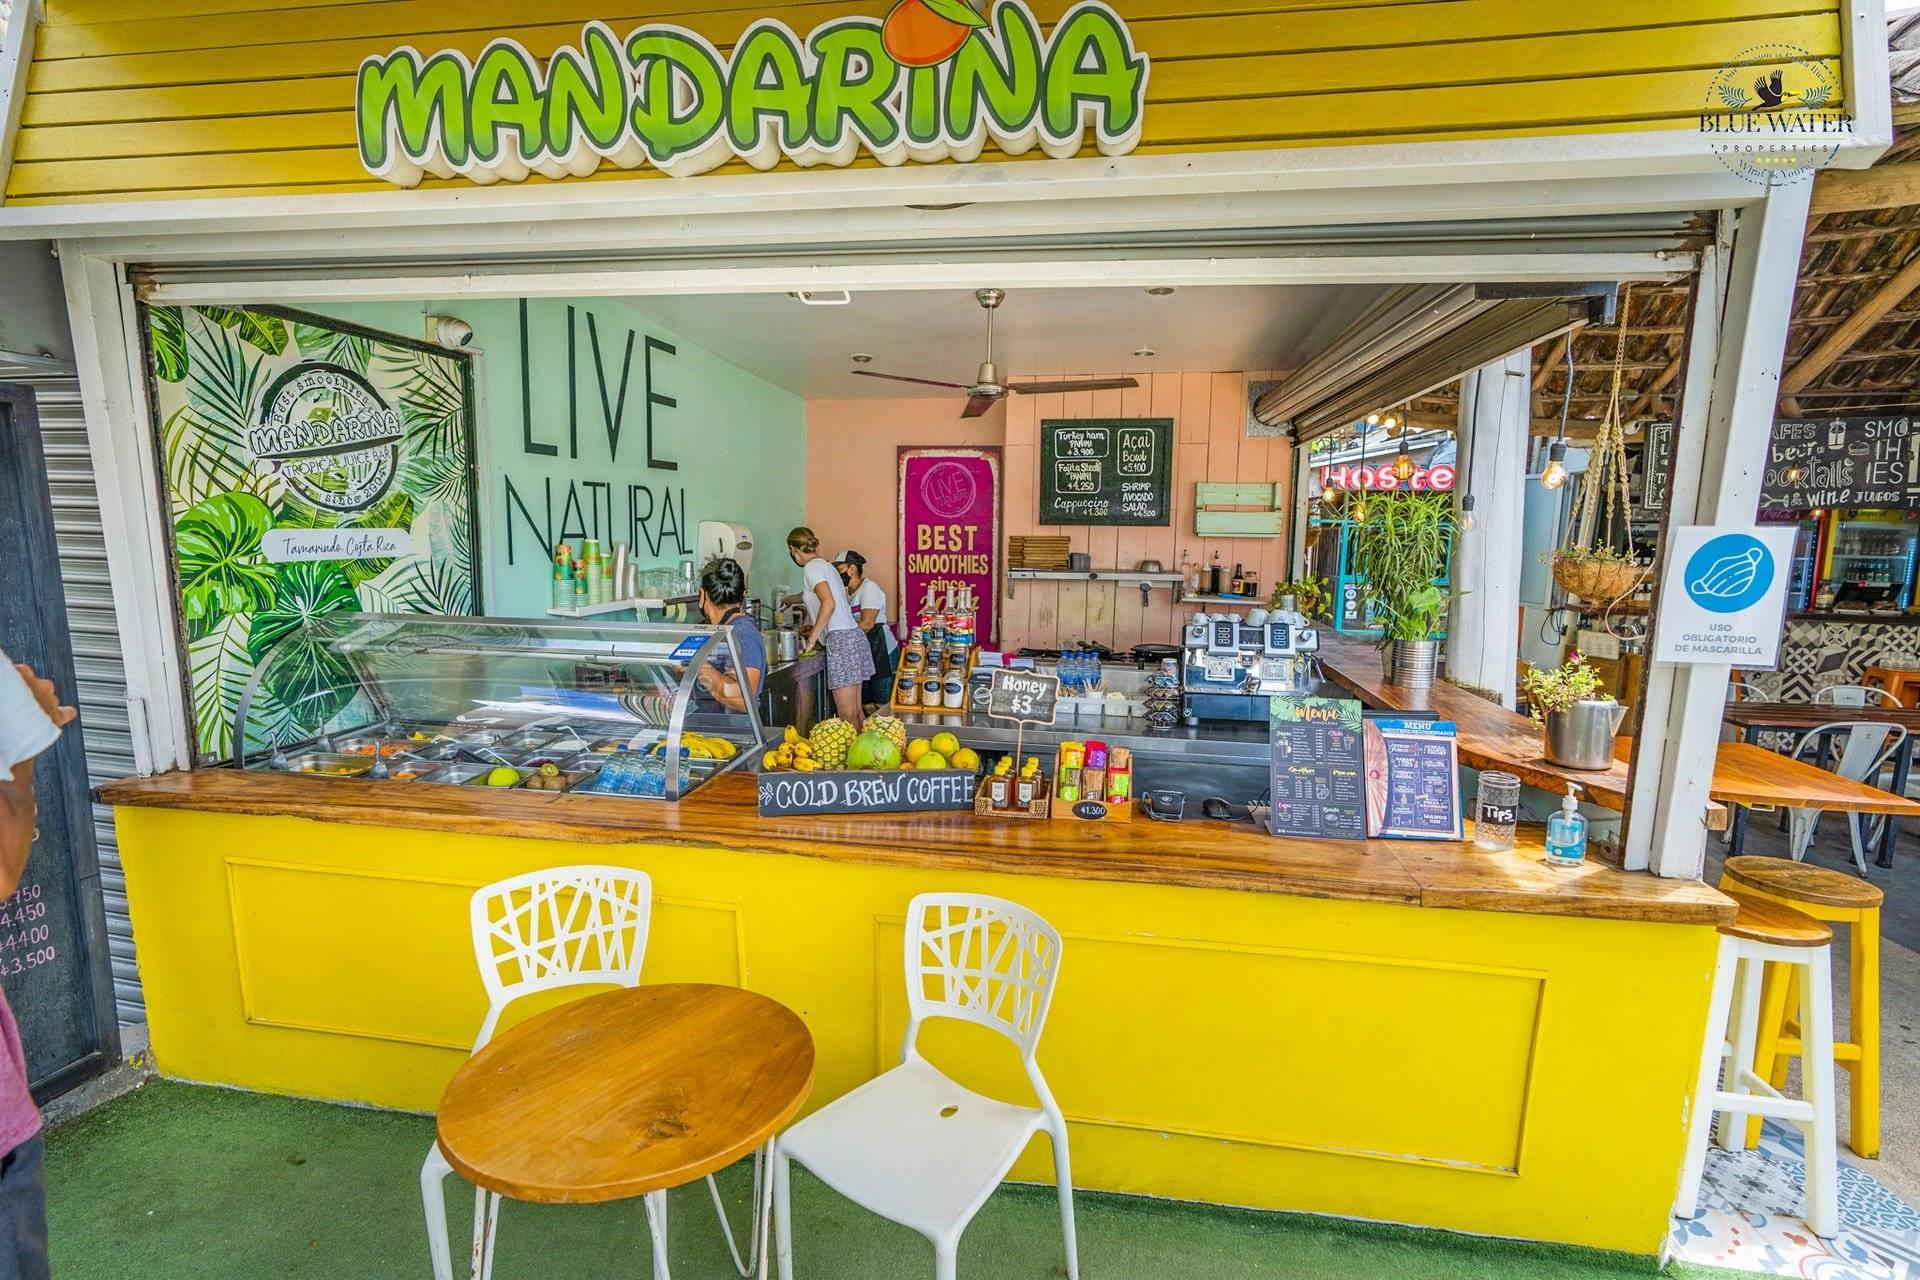 Tropical Juice bar business